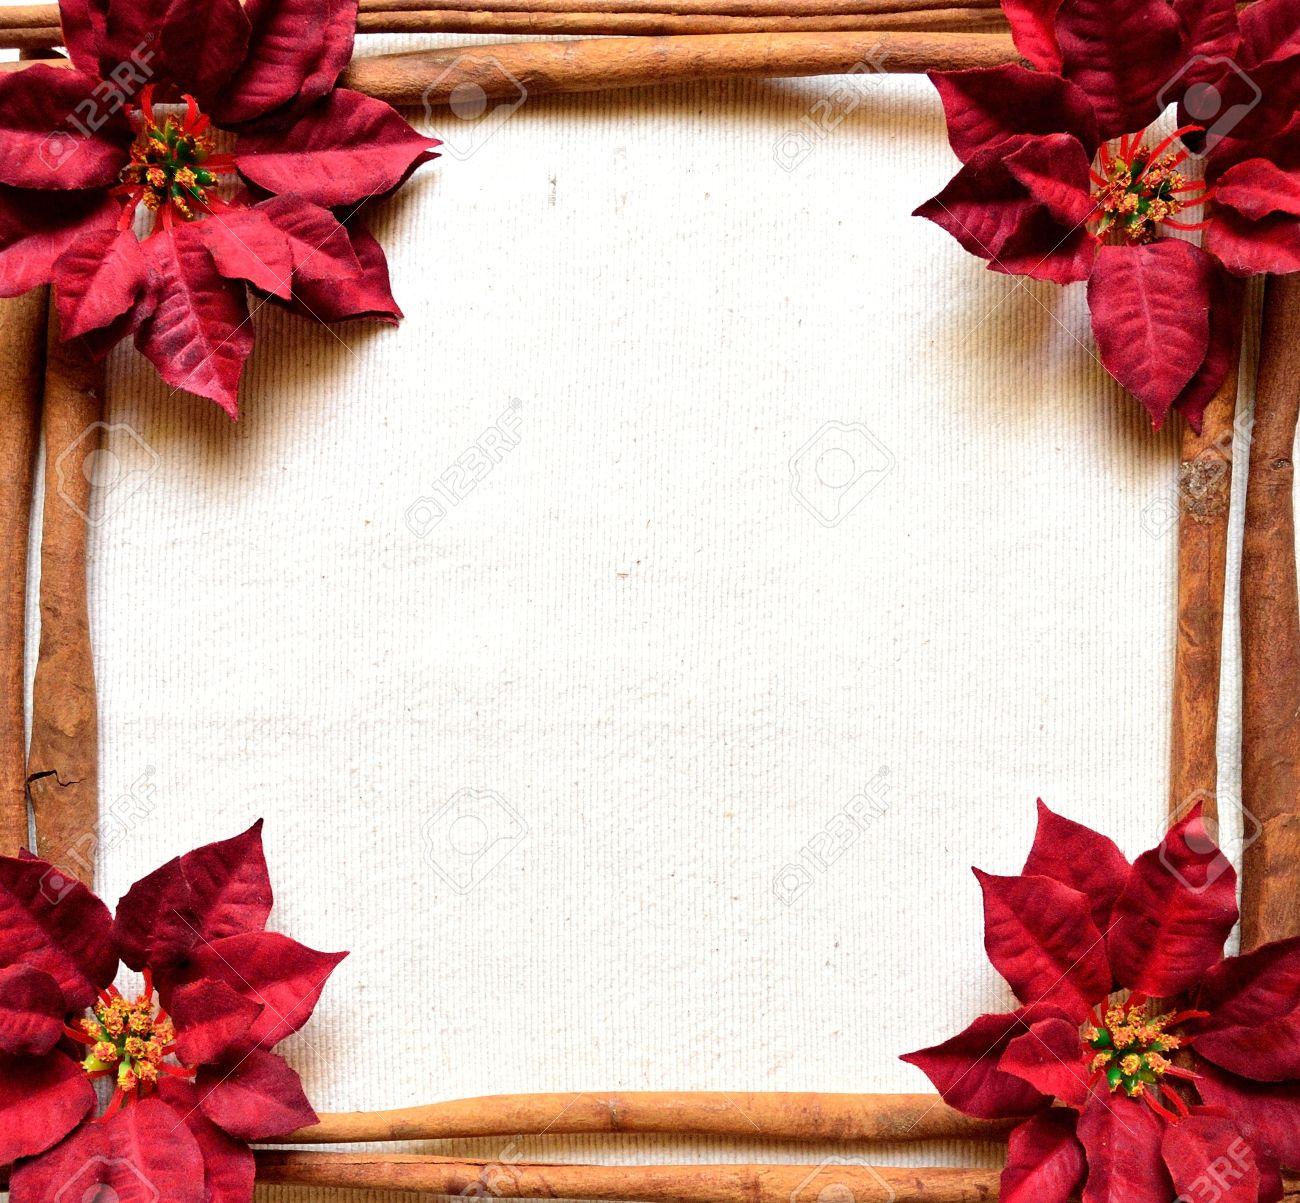 Roter Weihnachtsstern Und Zimt. Weihnachten Frames Lizenzfreie Fotos ...